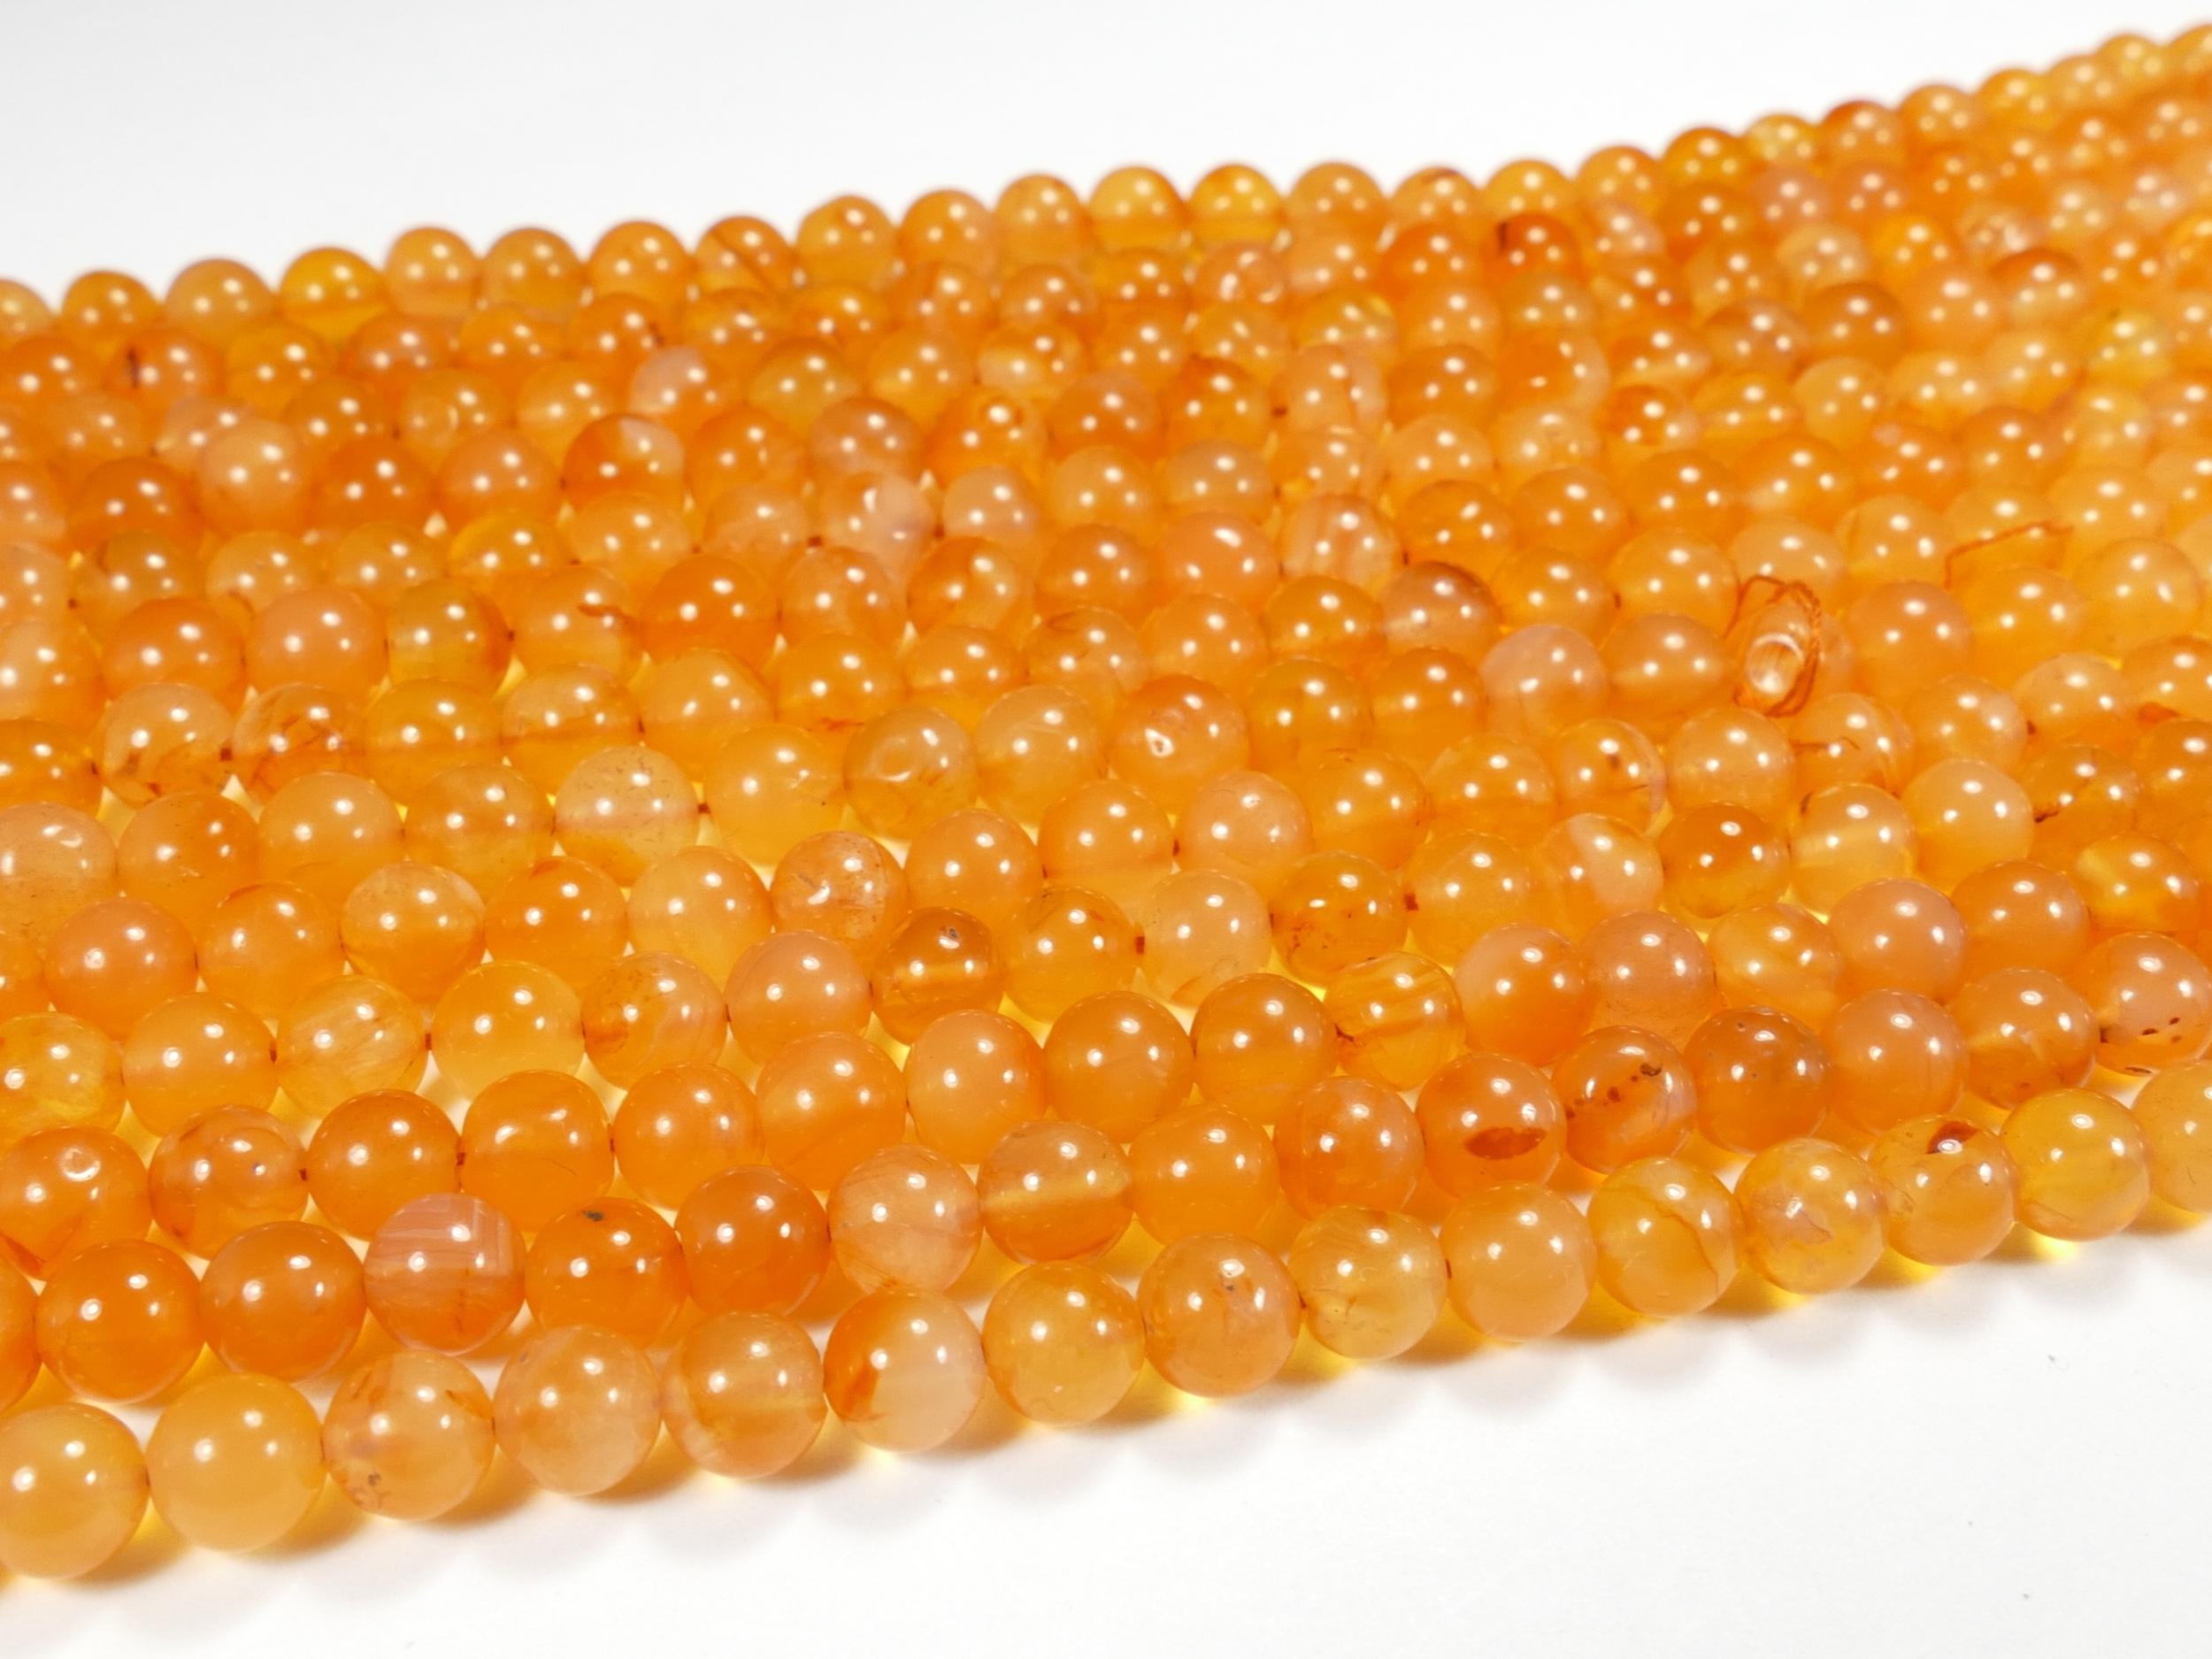 5.2/6.2 ou 6.3/6.8mm Perle de Cornaline (Agate) naturelle boule / rond irrégulier x35/36cm (13.8inch) (#AC880)